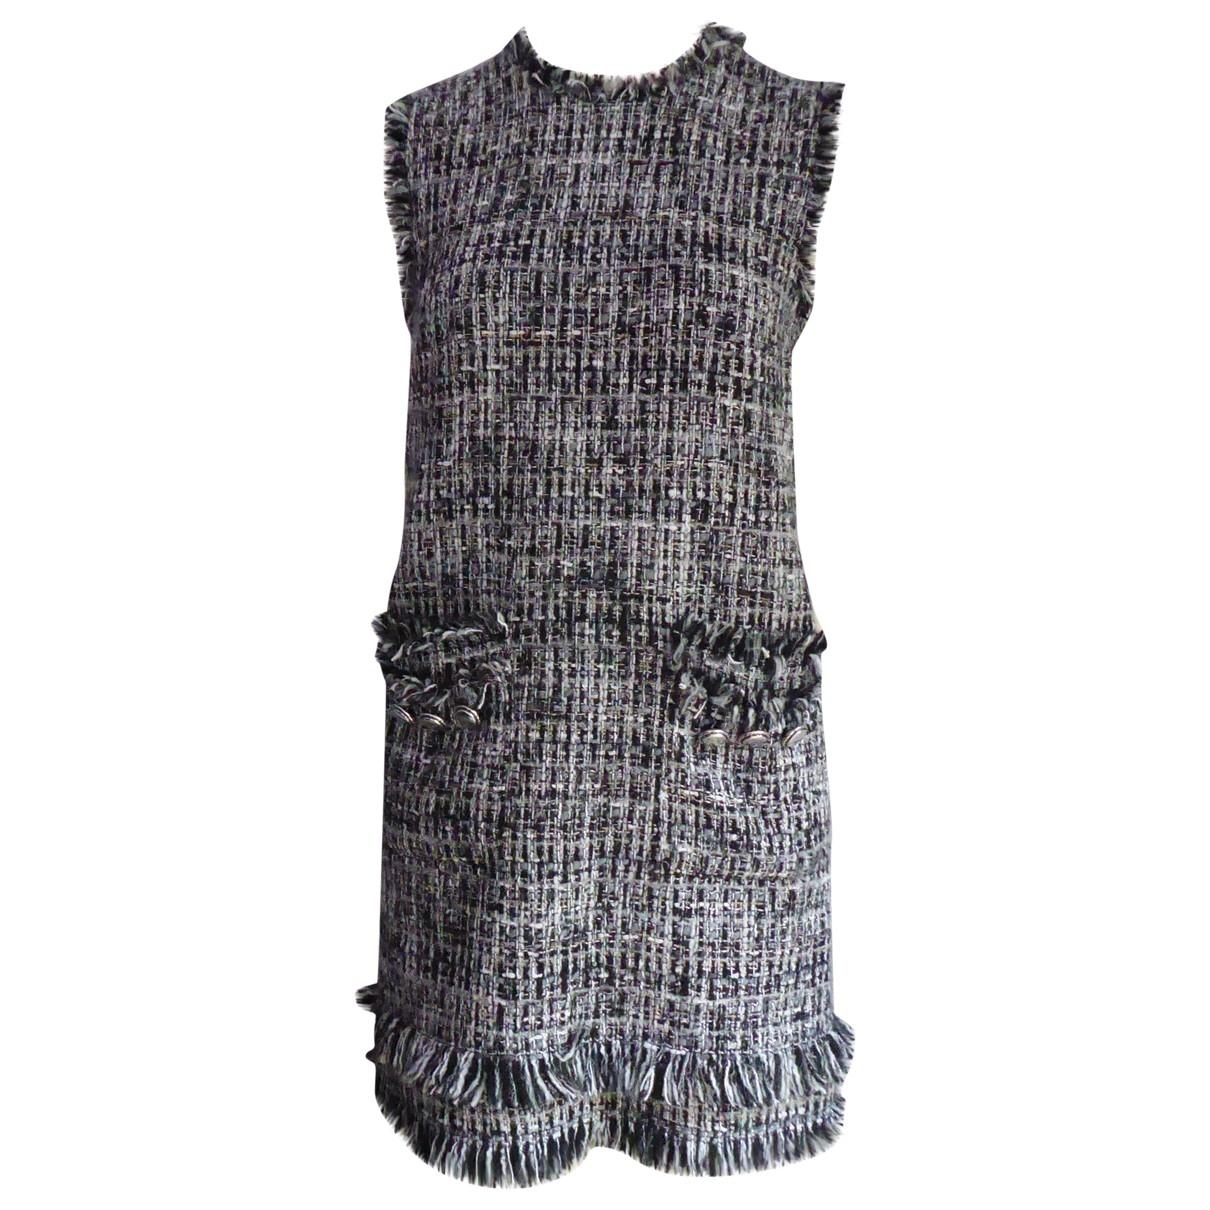 Msgm \N Kleid in  Bunt Synthetik